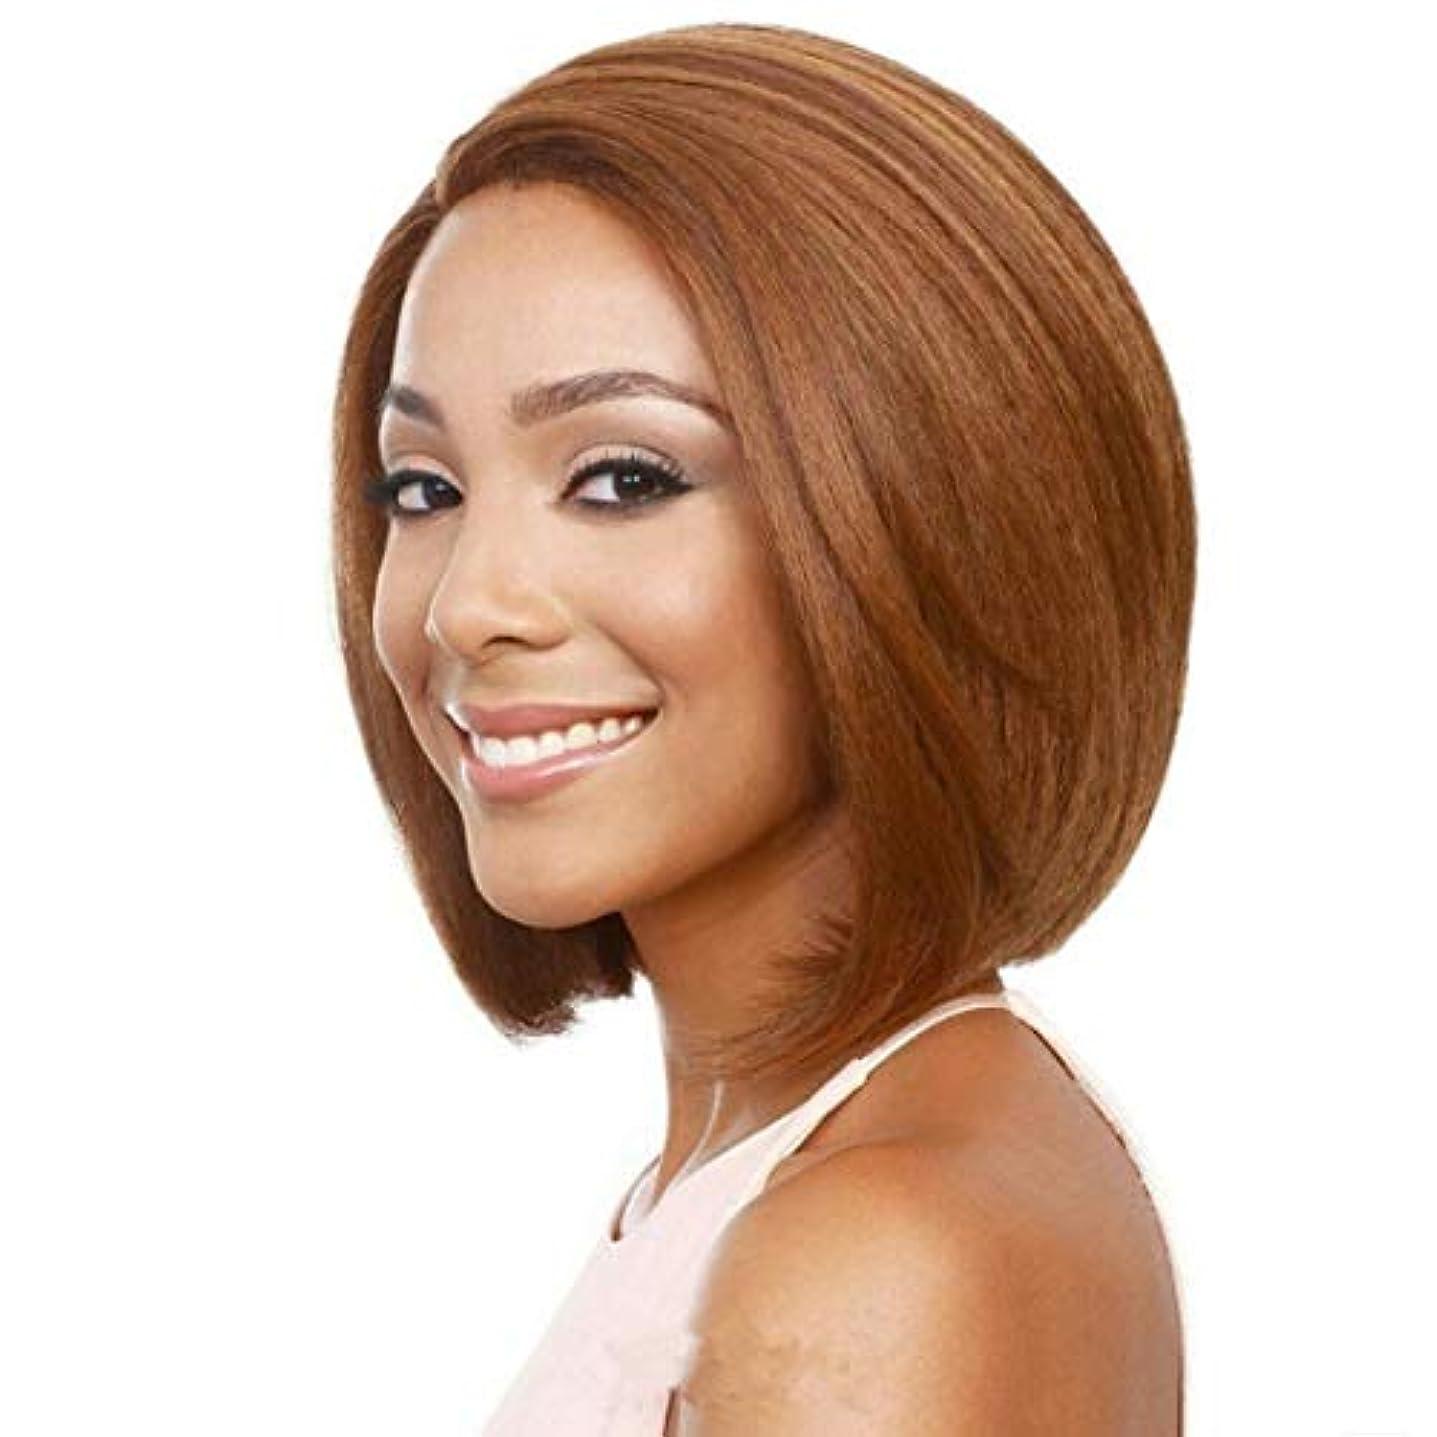 素朴な大騒ぎ文房具Kerwinner 前髪合成耐熱性女性のヘアスタイルと短いふわふわボブ変態ストレートヘアウィッグ (Color : Light Brown)